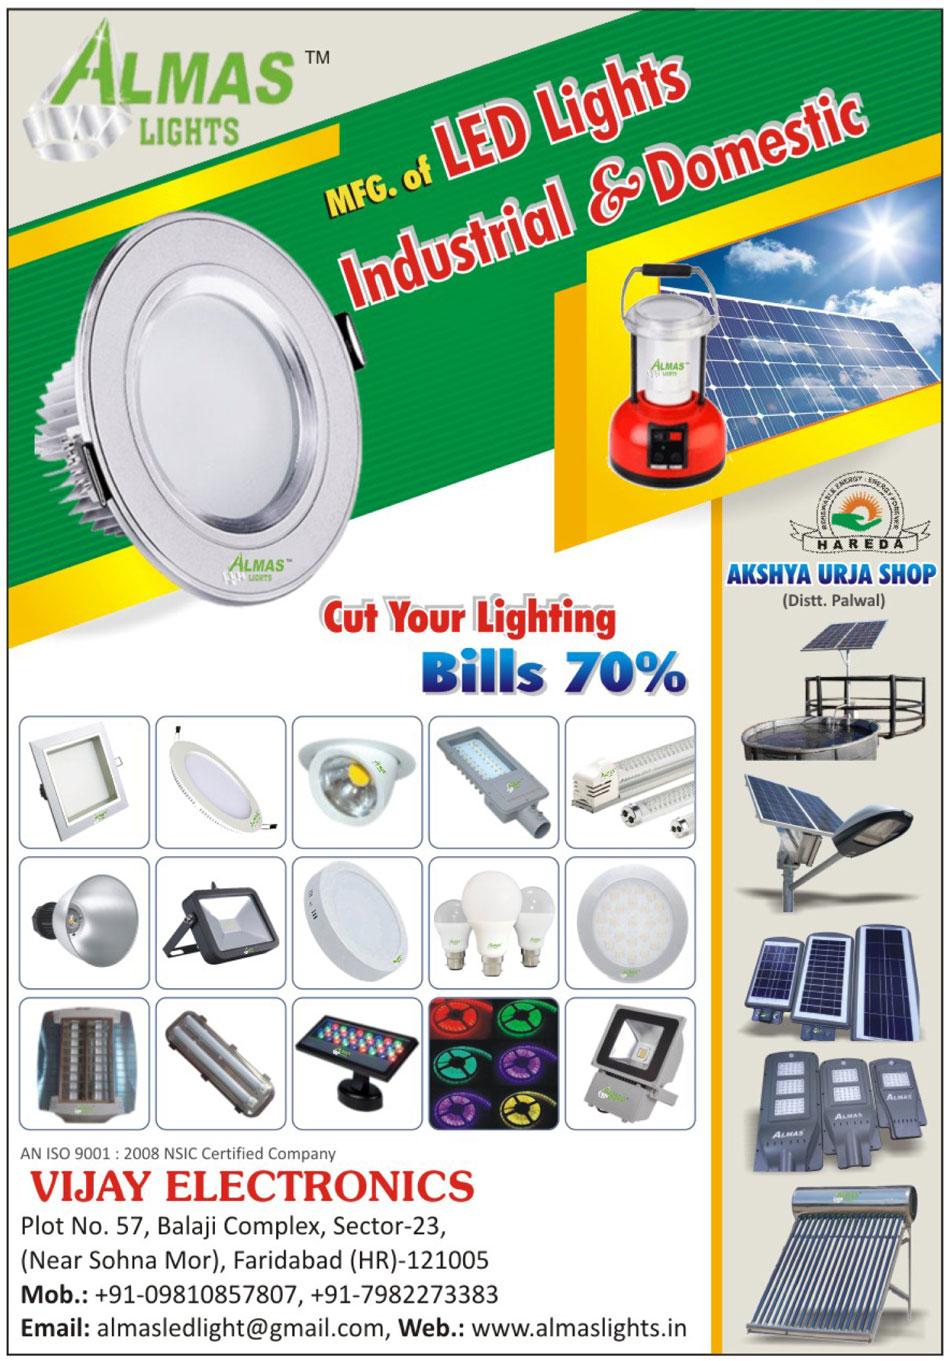 Led Lights, Industrial Led Lights, Domestic Led Lights